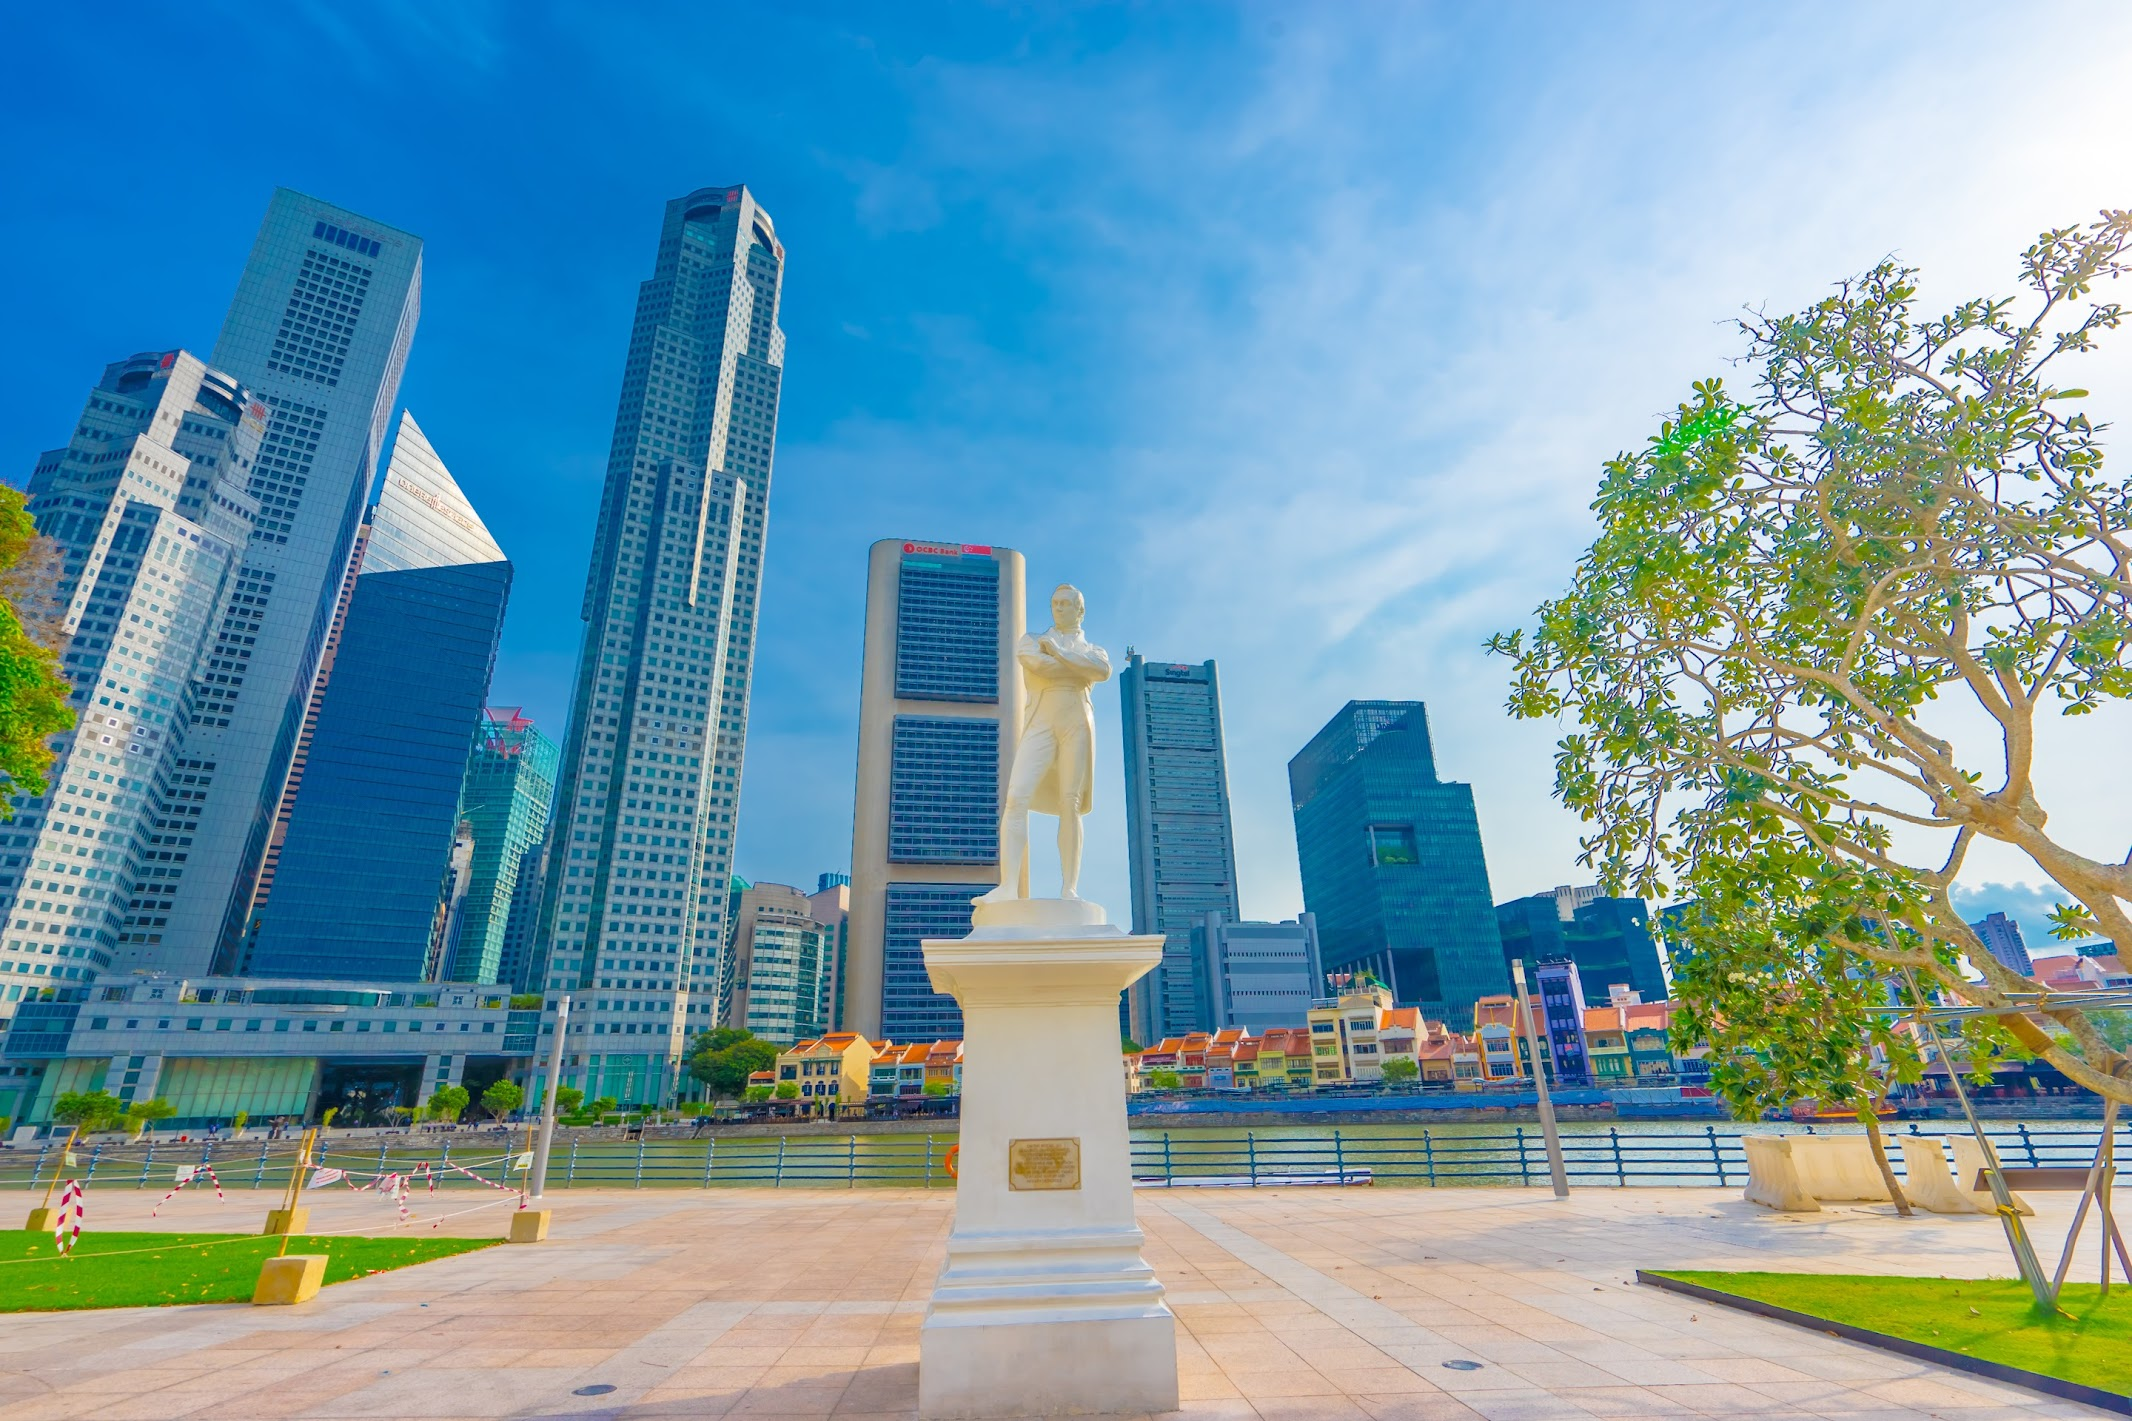 シンガポール ラッフルズ郷上陸地点